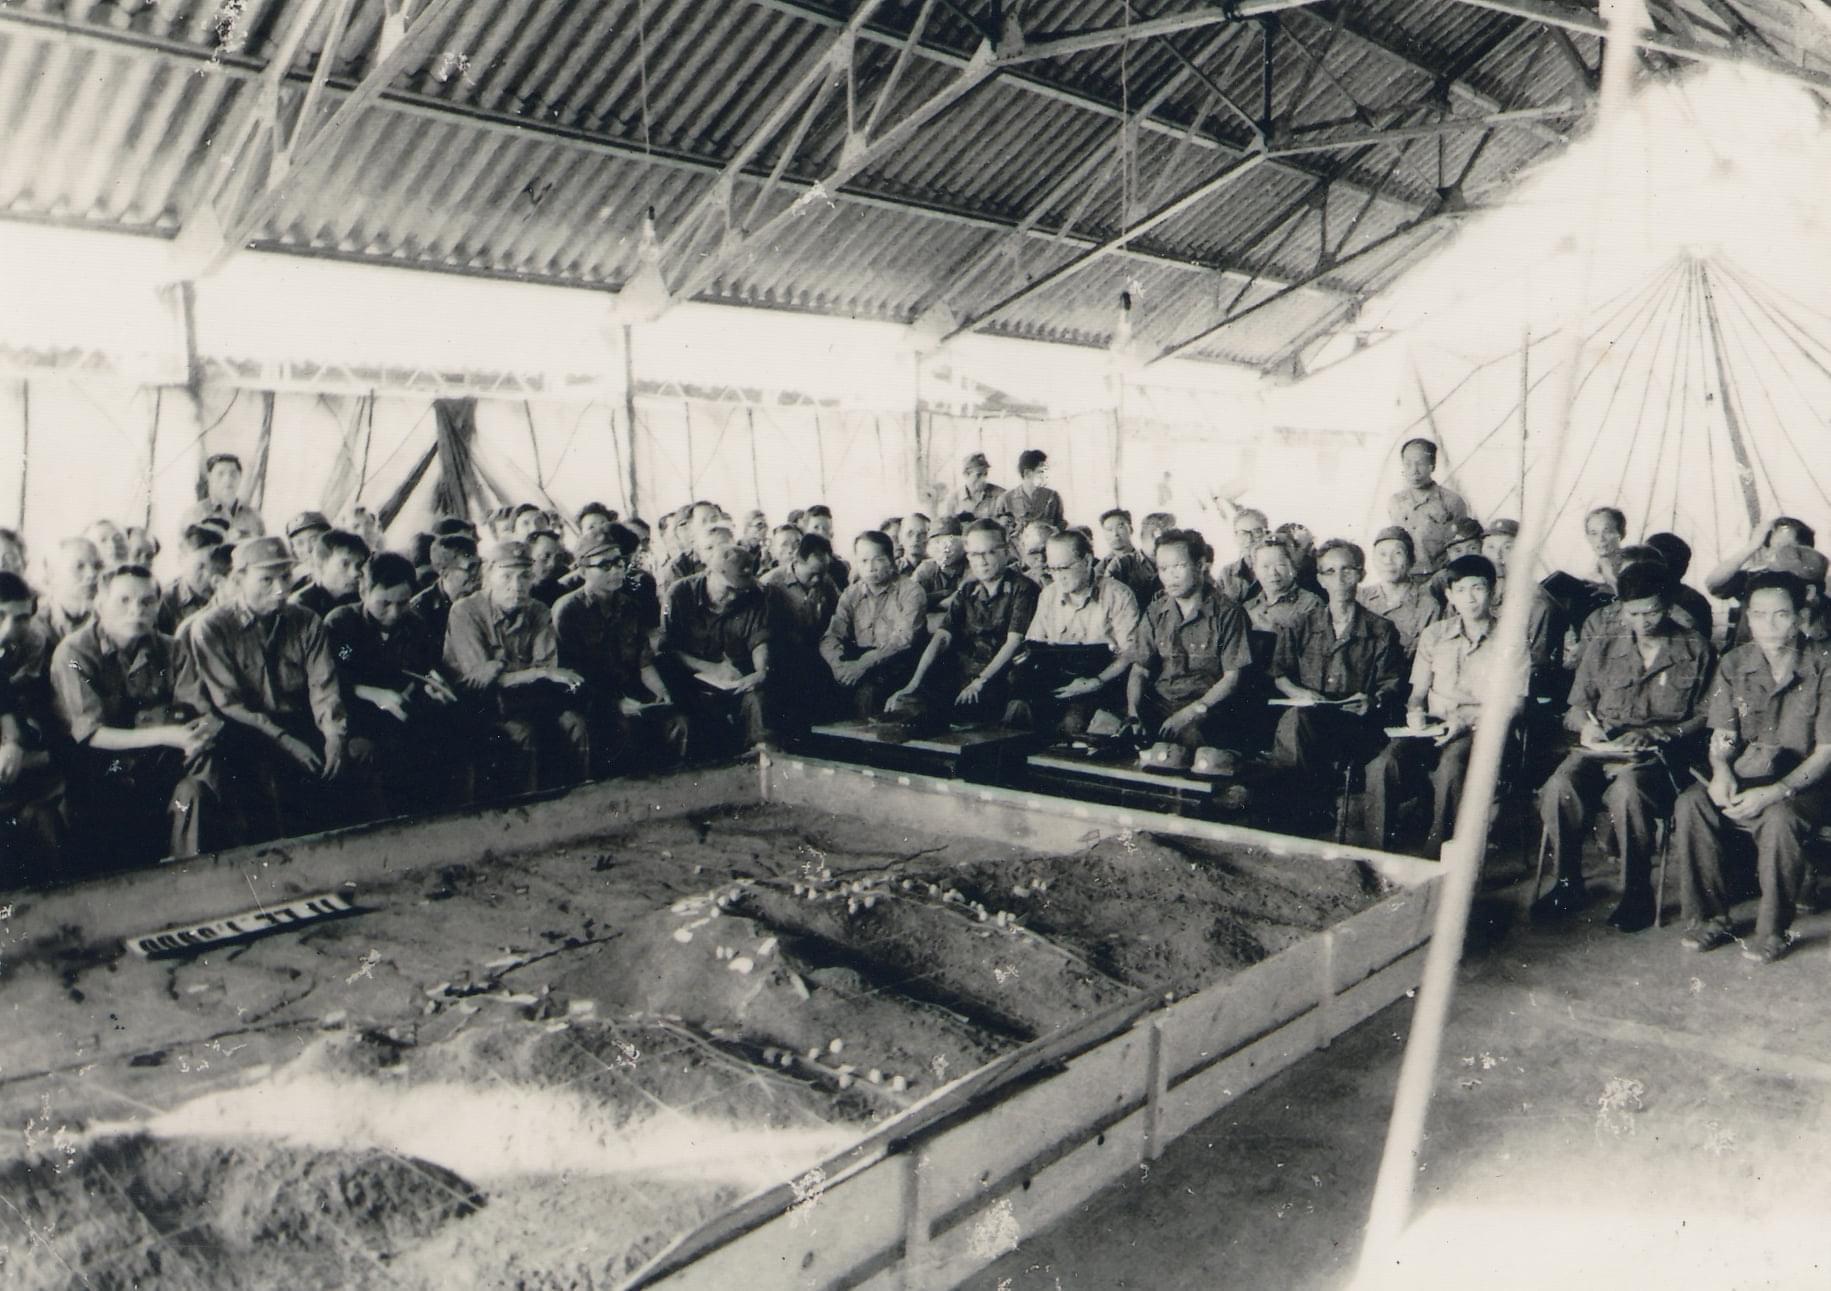 Đại tướng Lê Đức Anh - Tư lệnh chiến trường Campuchia làm việc với bộ đội Việt Nam bên sa bàn tác chiến